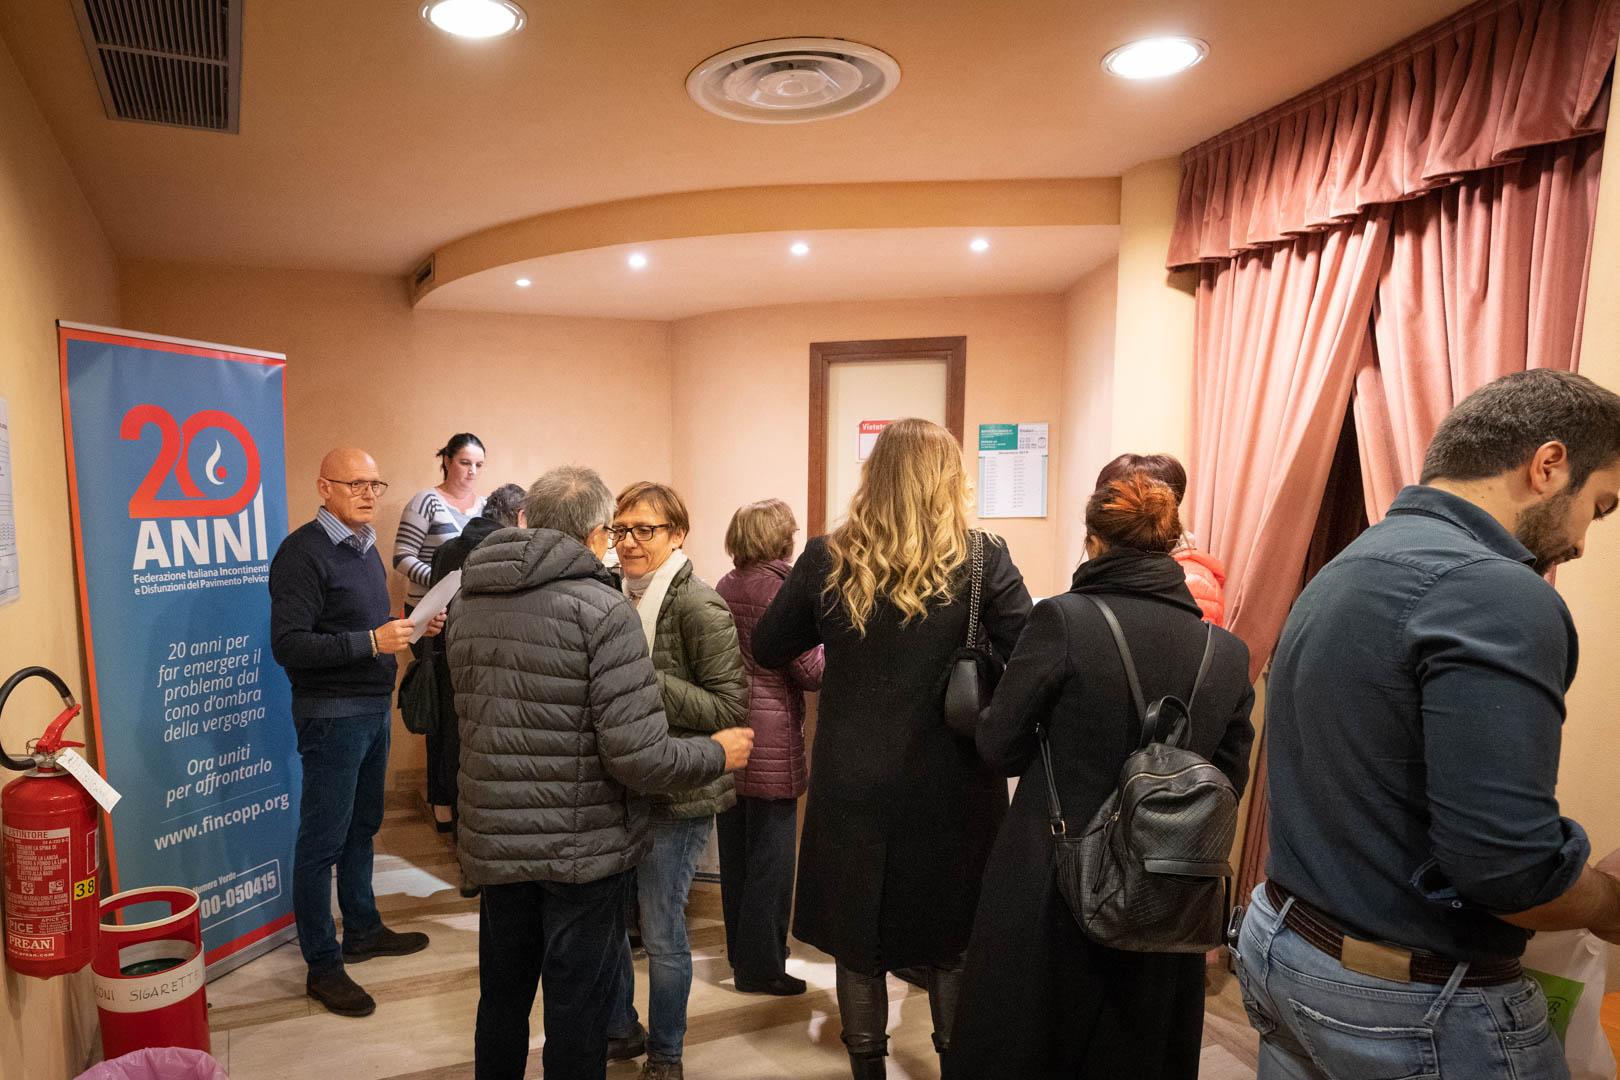 8 - Registrazione dei partecipanti - IL 2° LIBRO BIANCO DELL'INCONTINENZA - Seriate, 20.11.2019